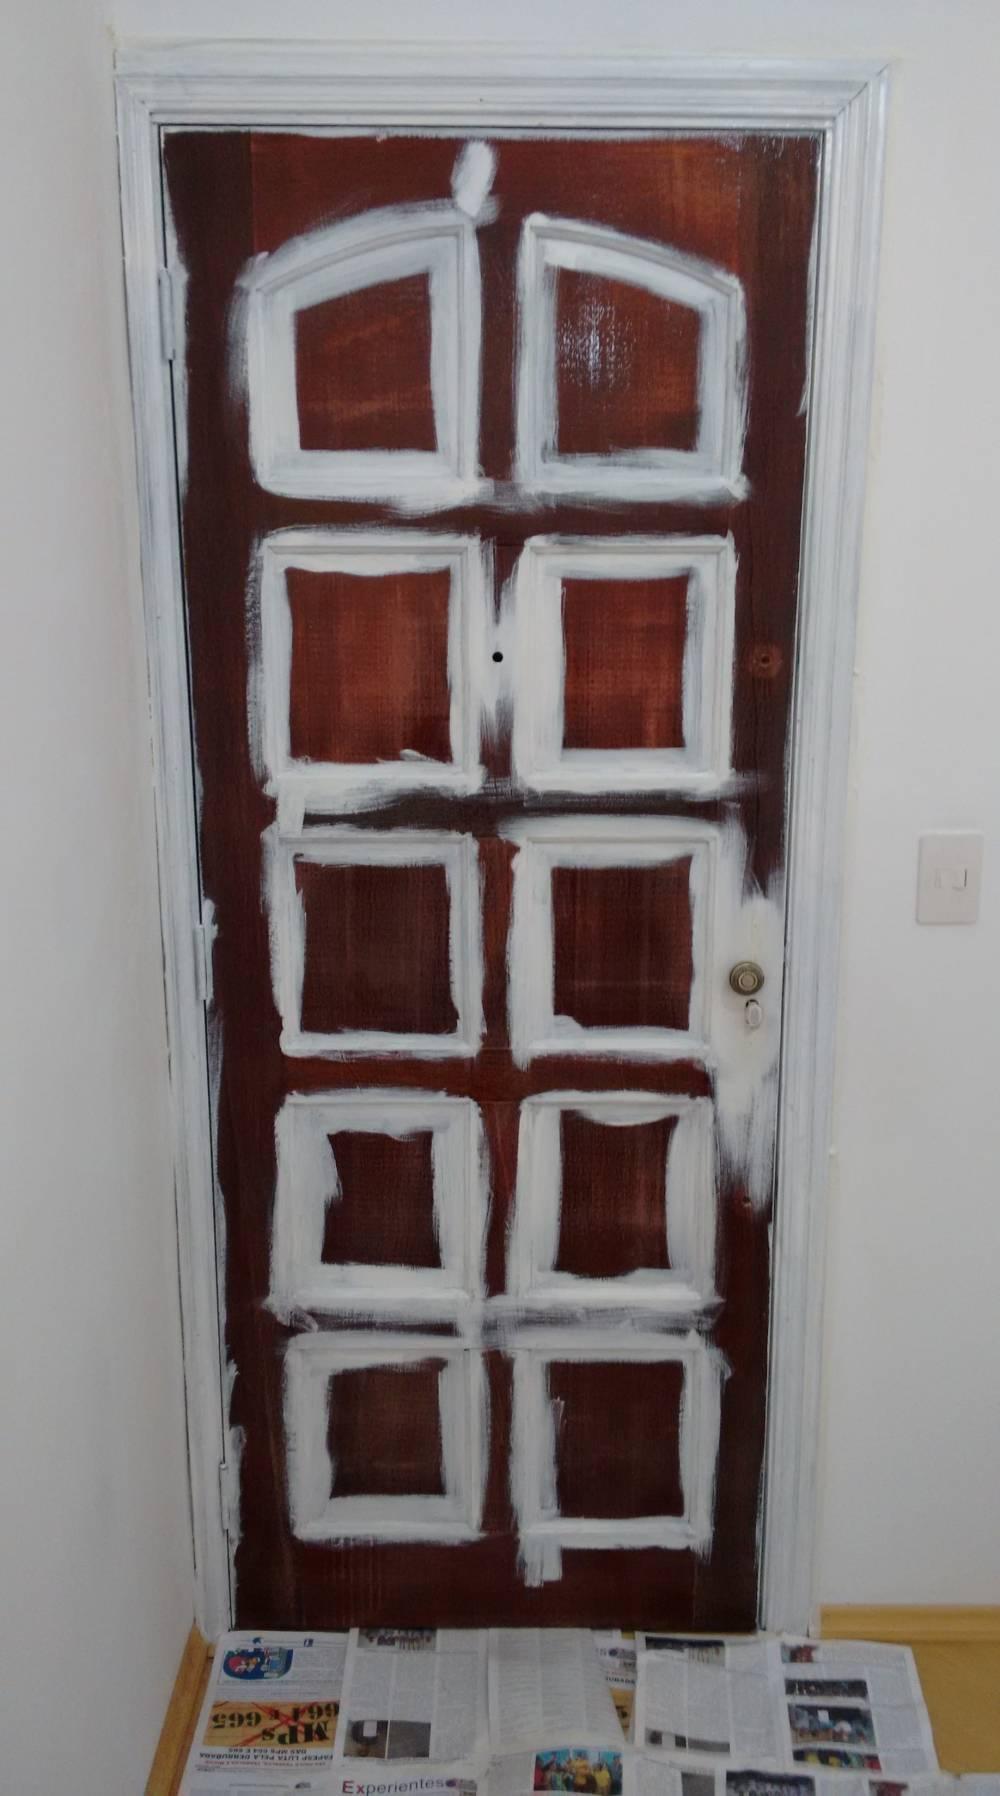 Reparos Residenciais na Cidade Nova Heliópolis - Reparos Residenciais em São Paulo